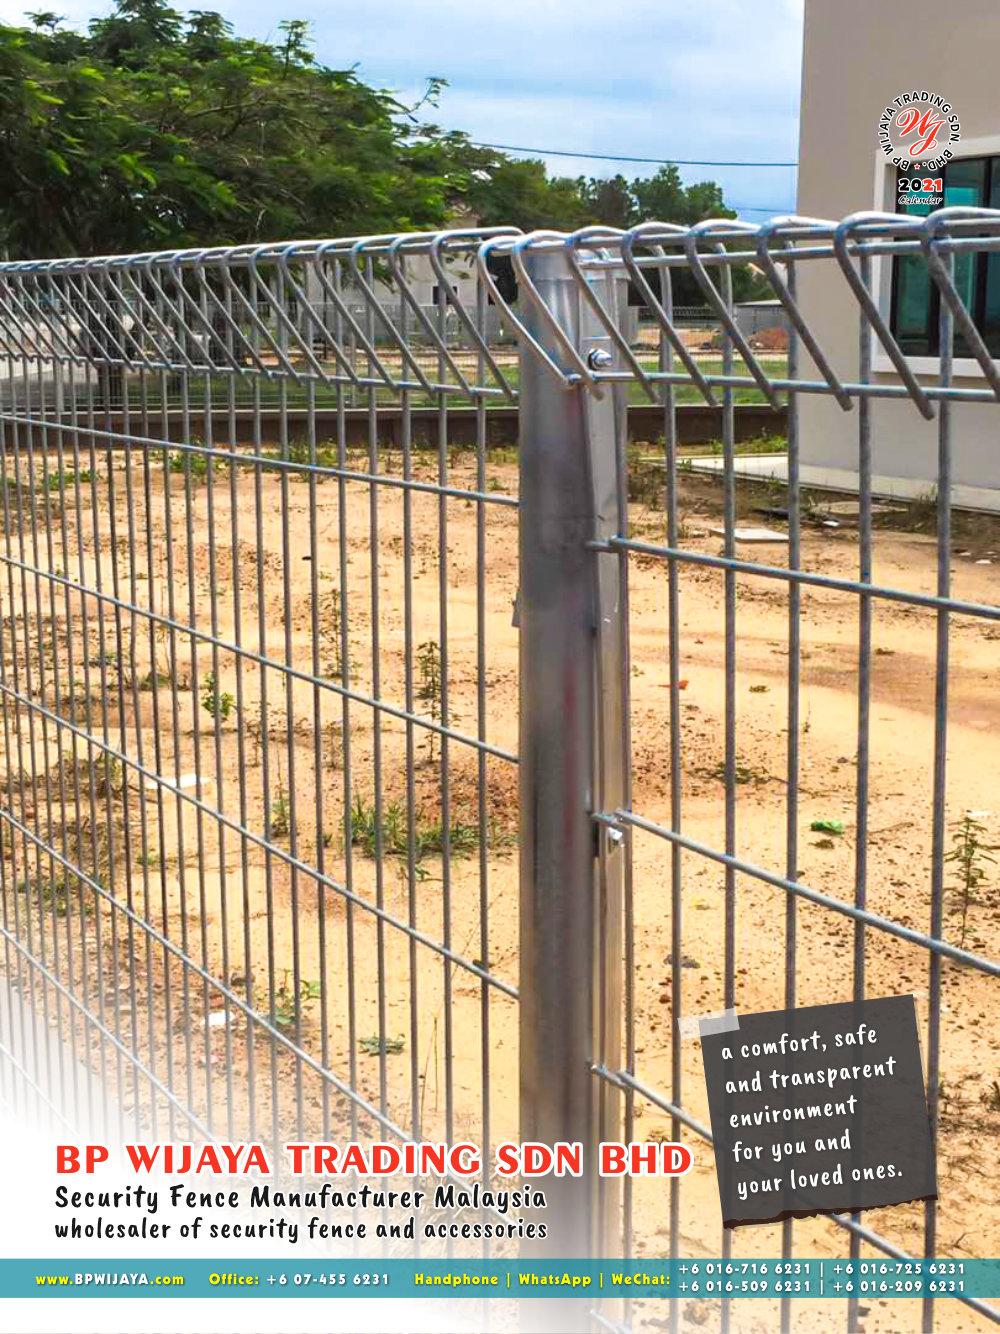 Calendar 2021 BP Wijaya Trading Security Fence Manufacturer Malaysia wholesaler of security fence and accessories Malaysia Kuala Lumpur Johor A07